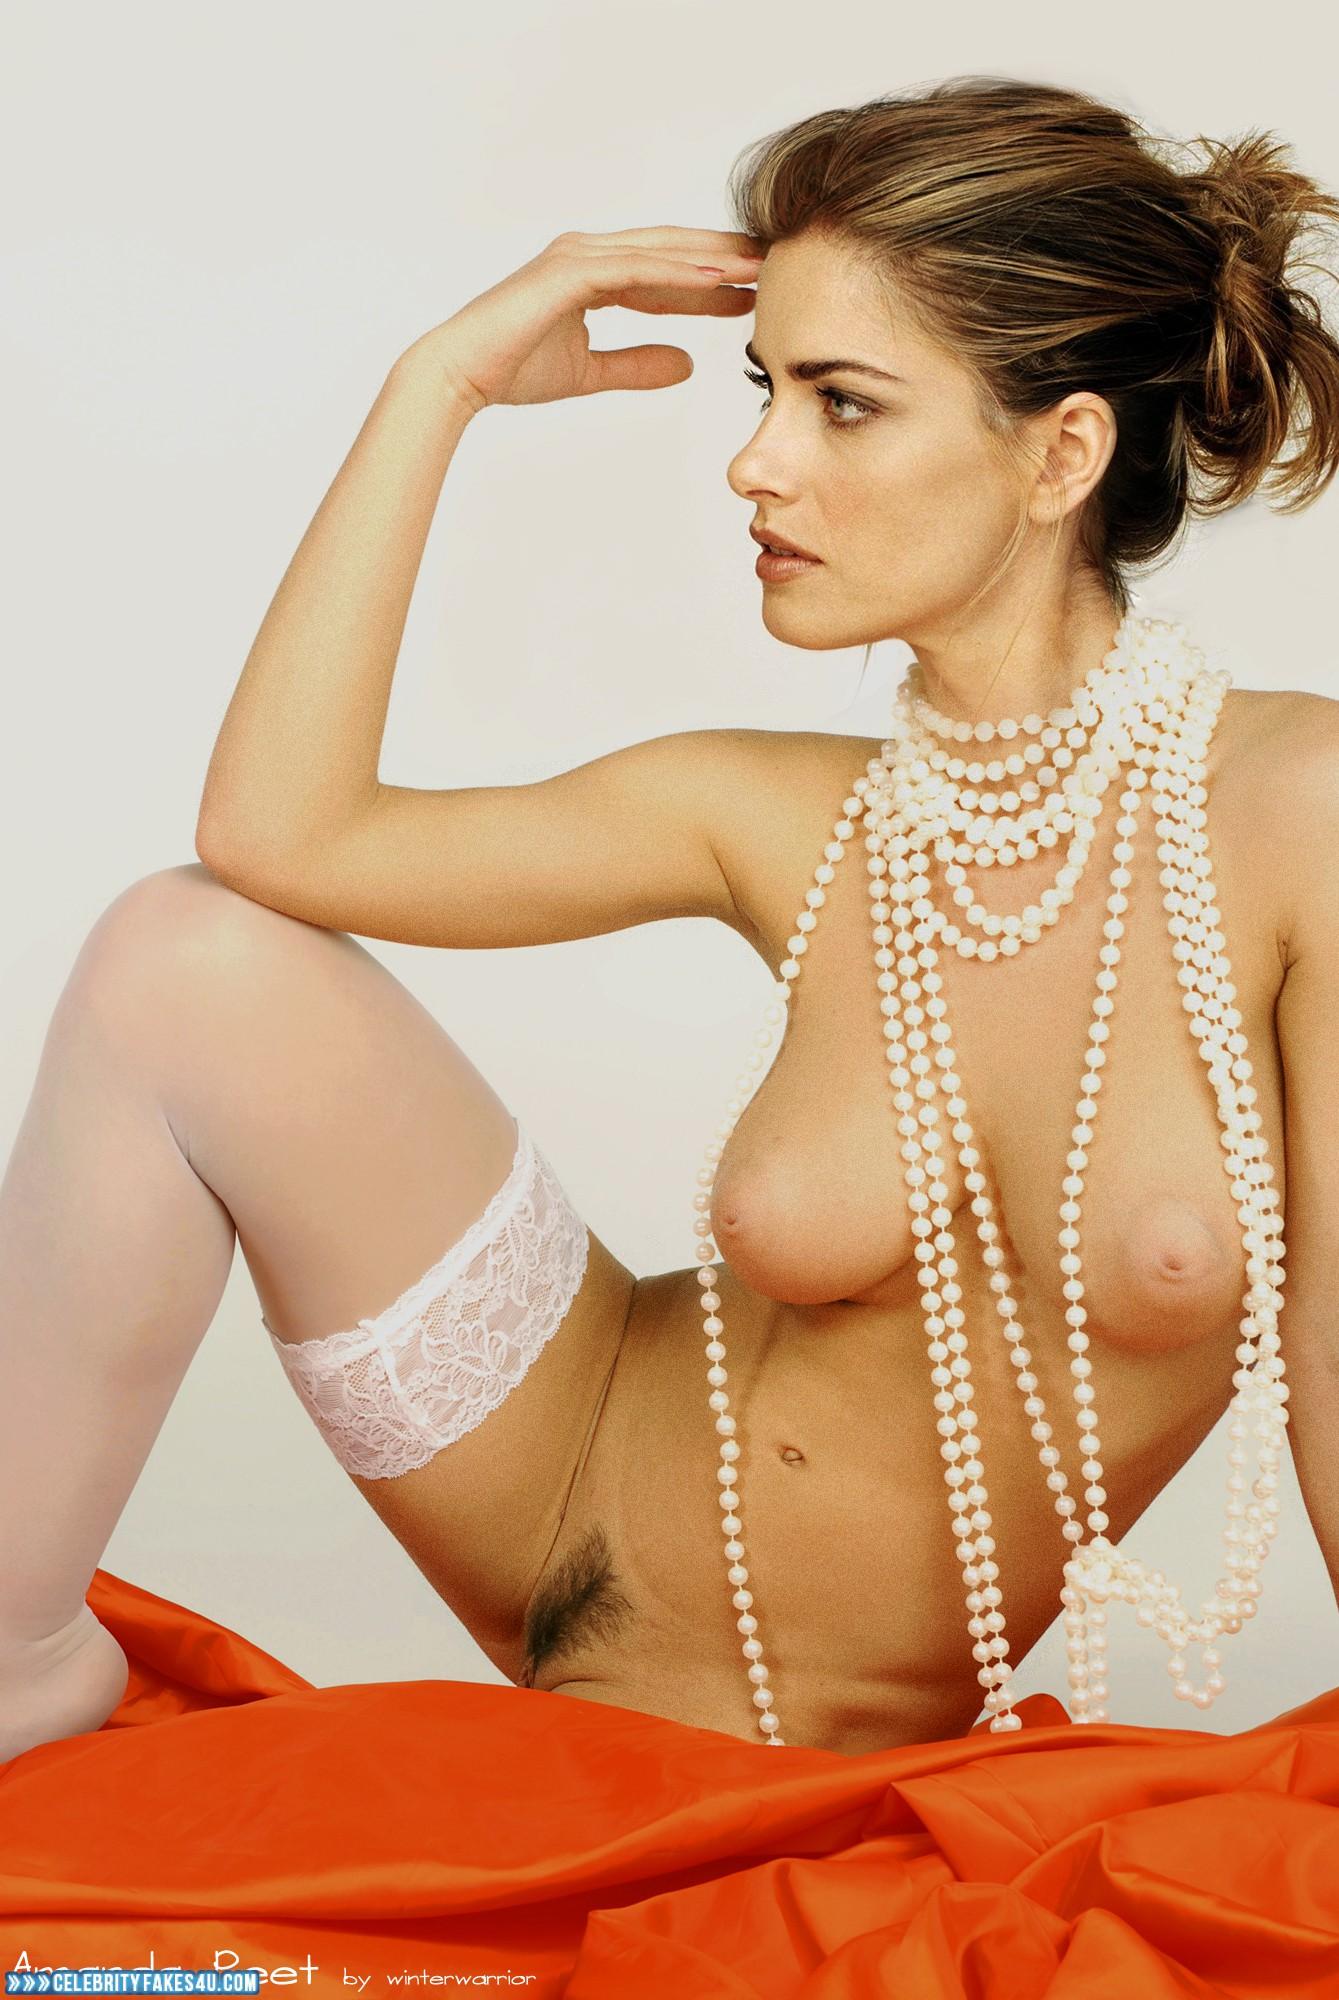 Amanda Peet Nude amanda peet stockings boobs porn 001 « celebrity fakes 4u